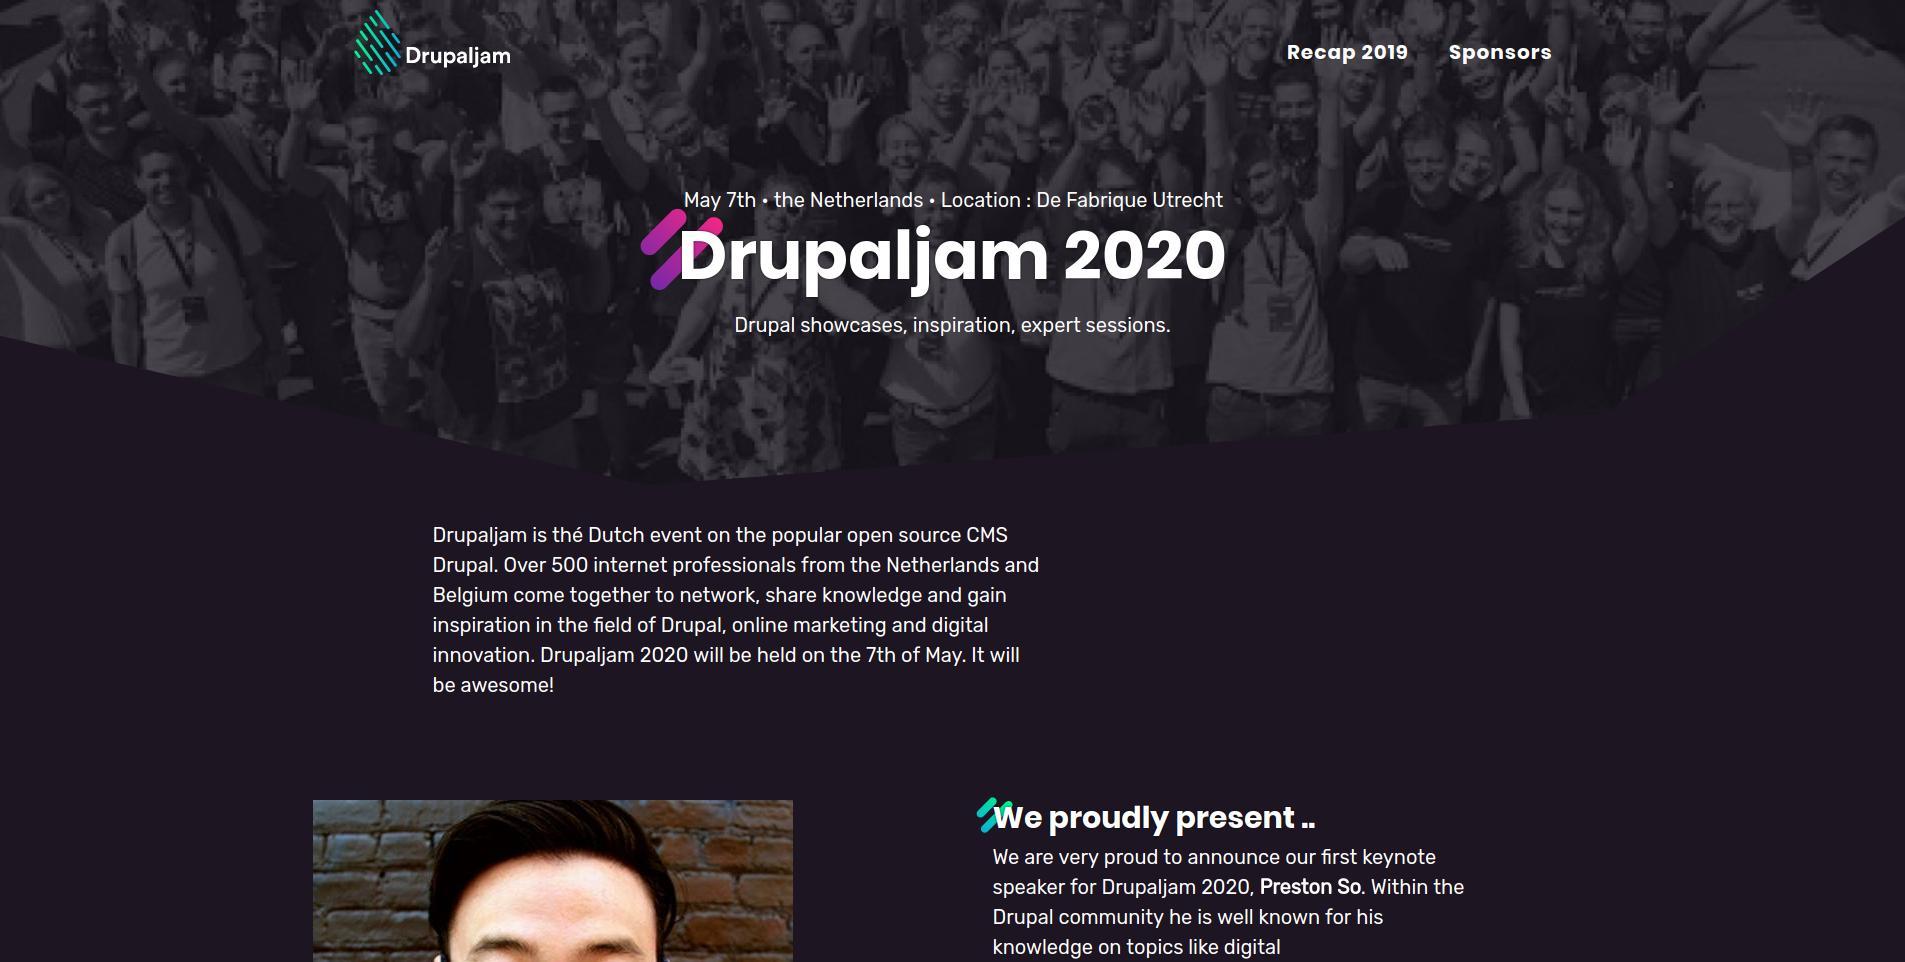 drupal confrence 2020